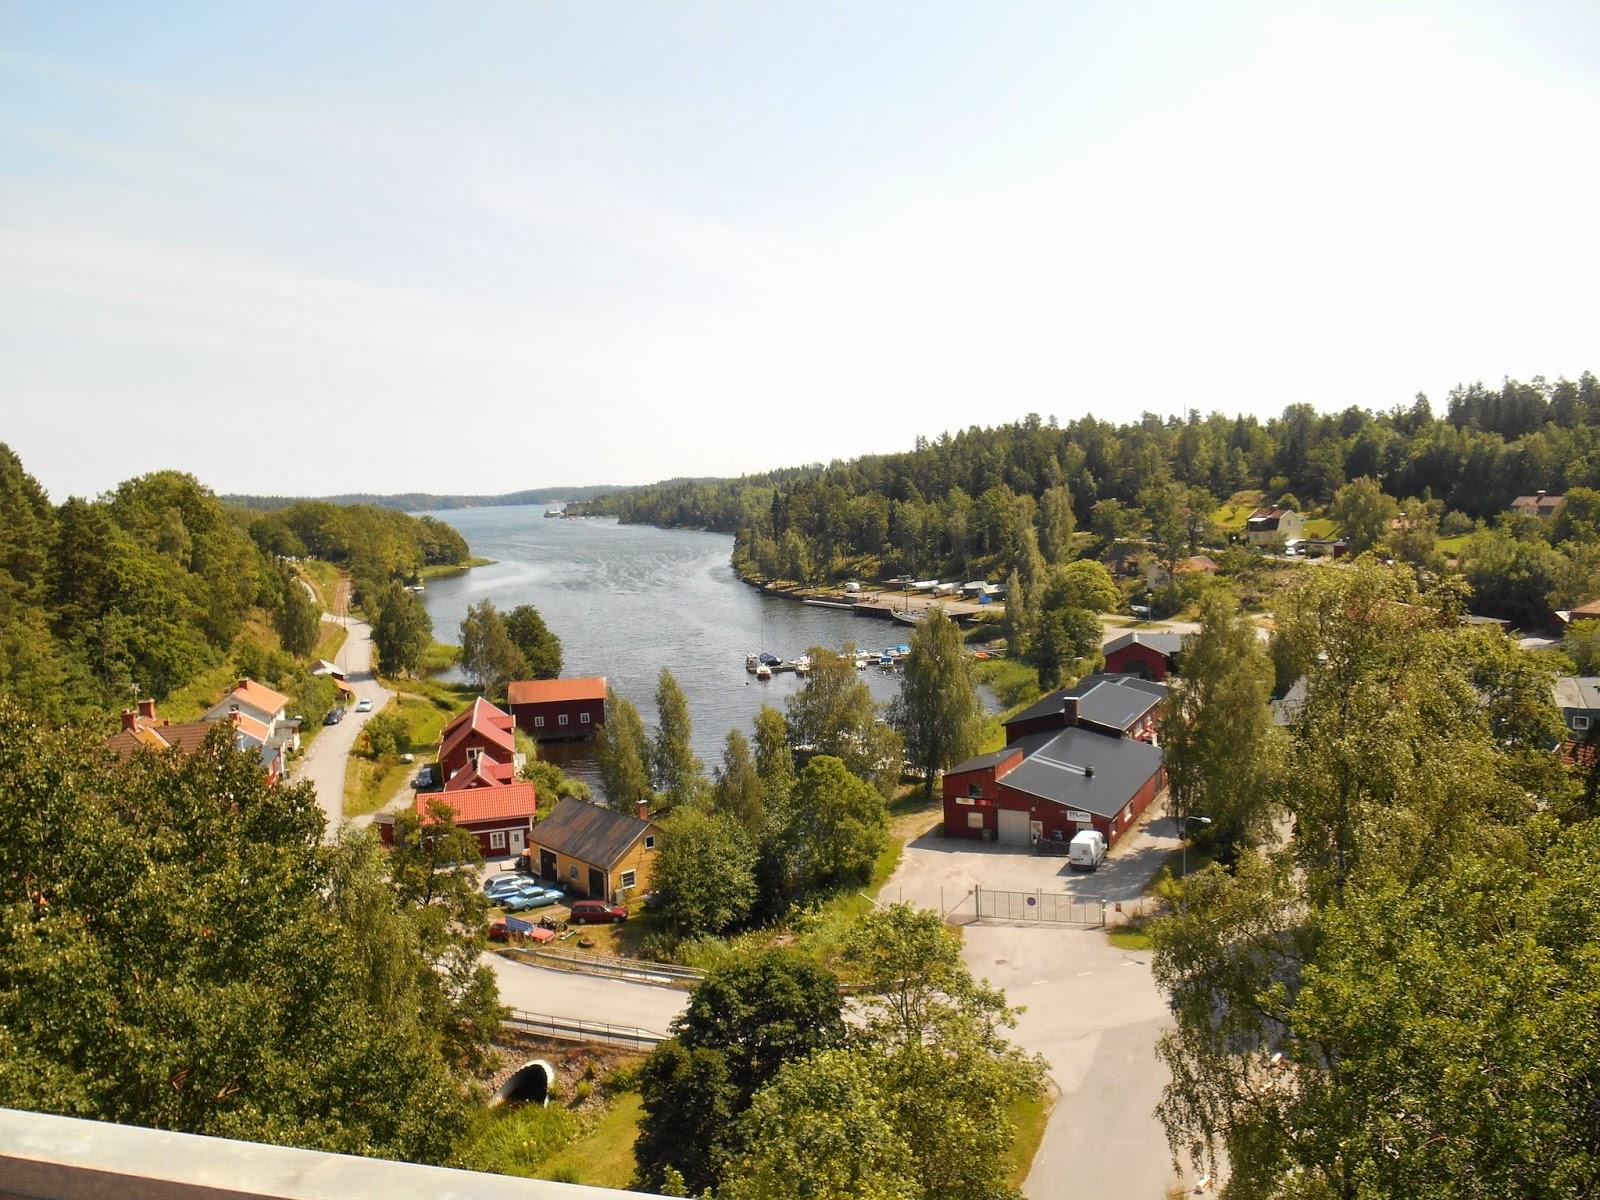 Zdjęcia ze Szwecji.